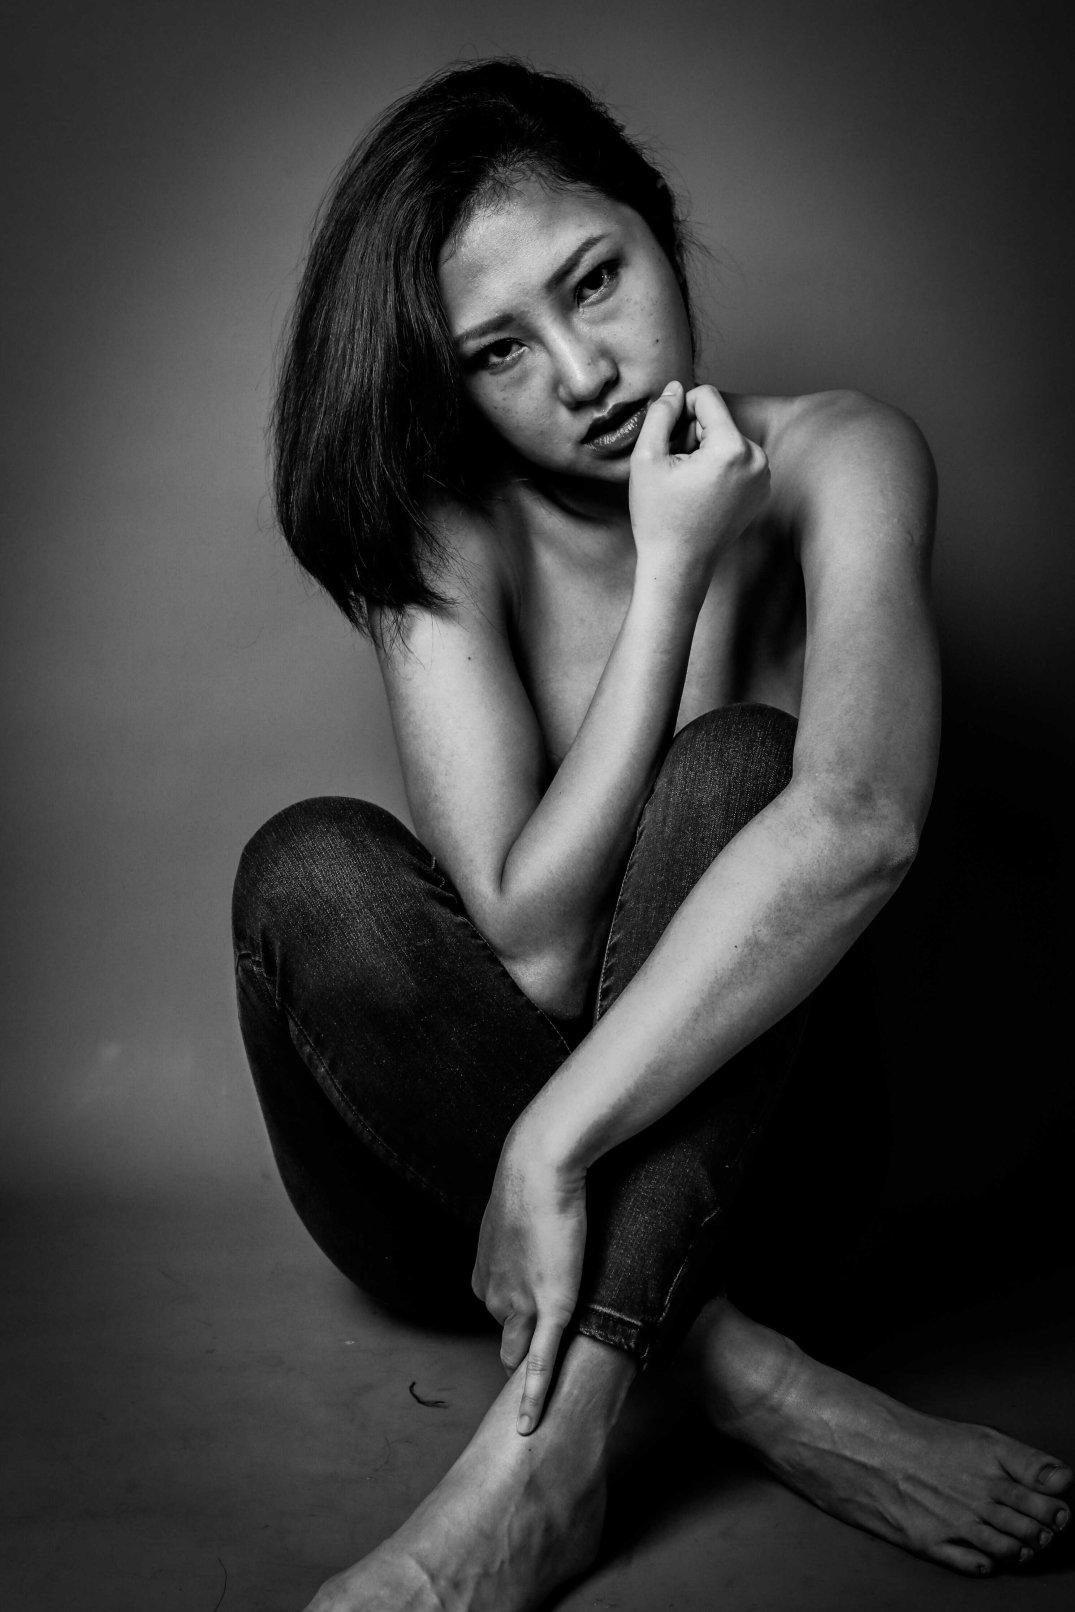 人像攝影_Toby-43